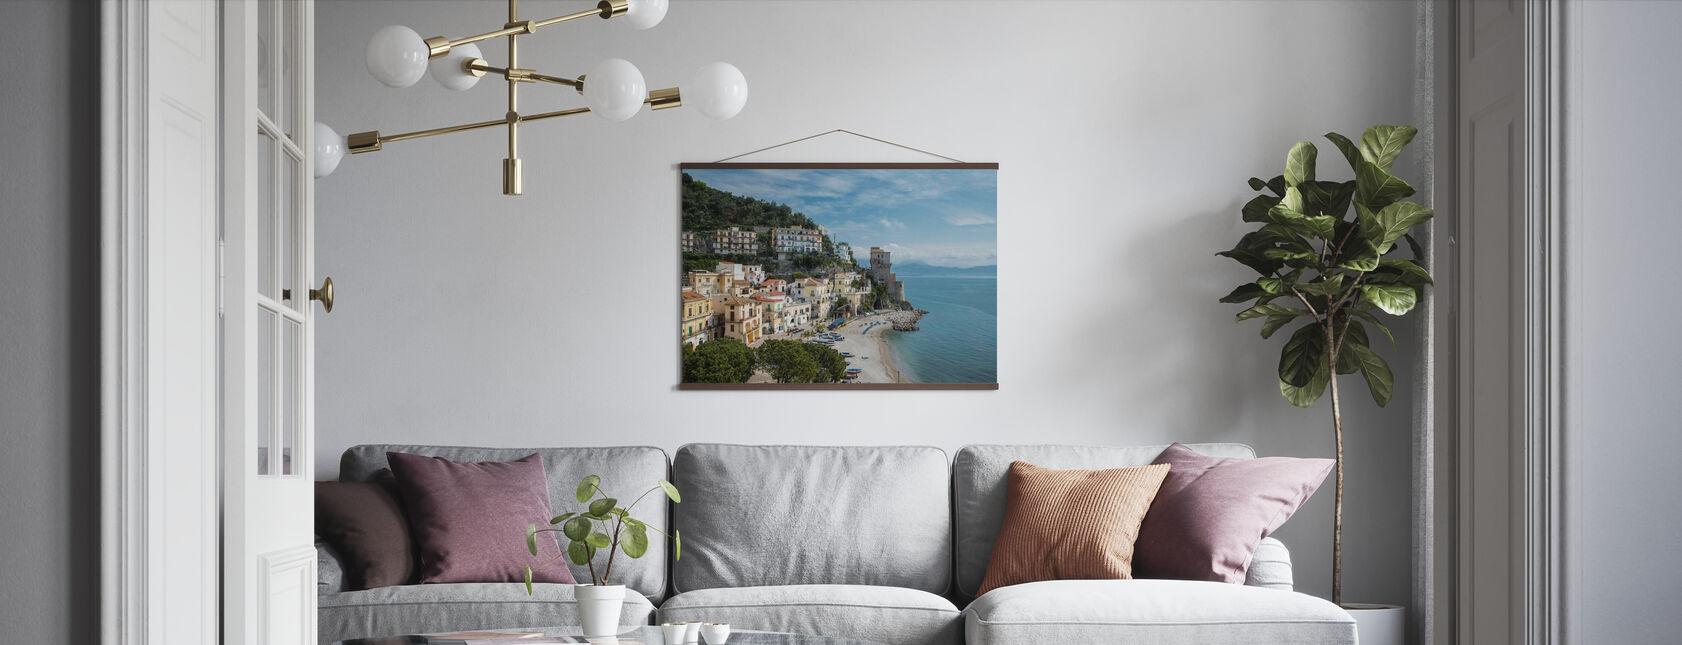 Amalfi-kust - Poster - Woonkamer